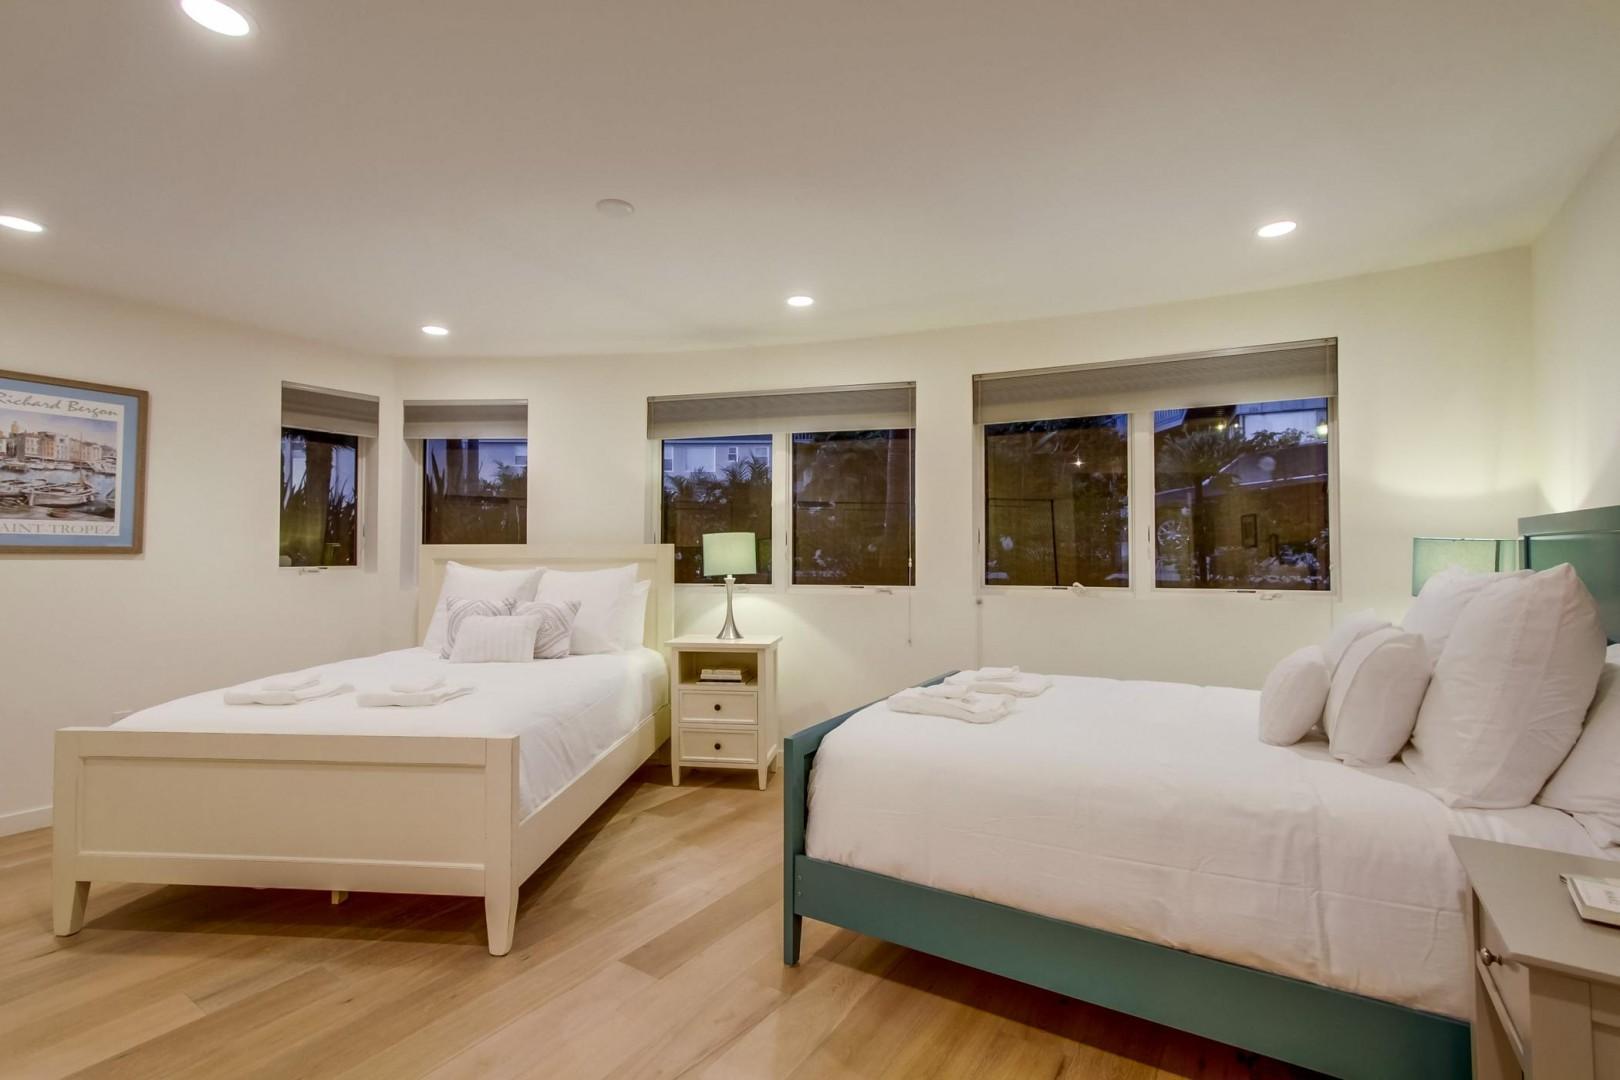 Spacious bedroom 2 has plenty of room for 2 queen size beds